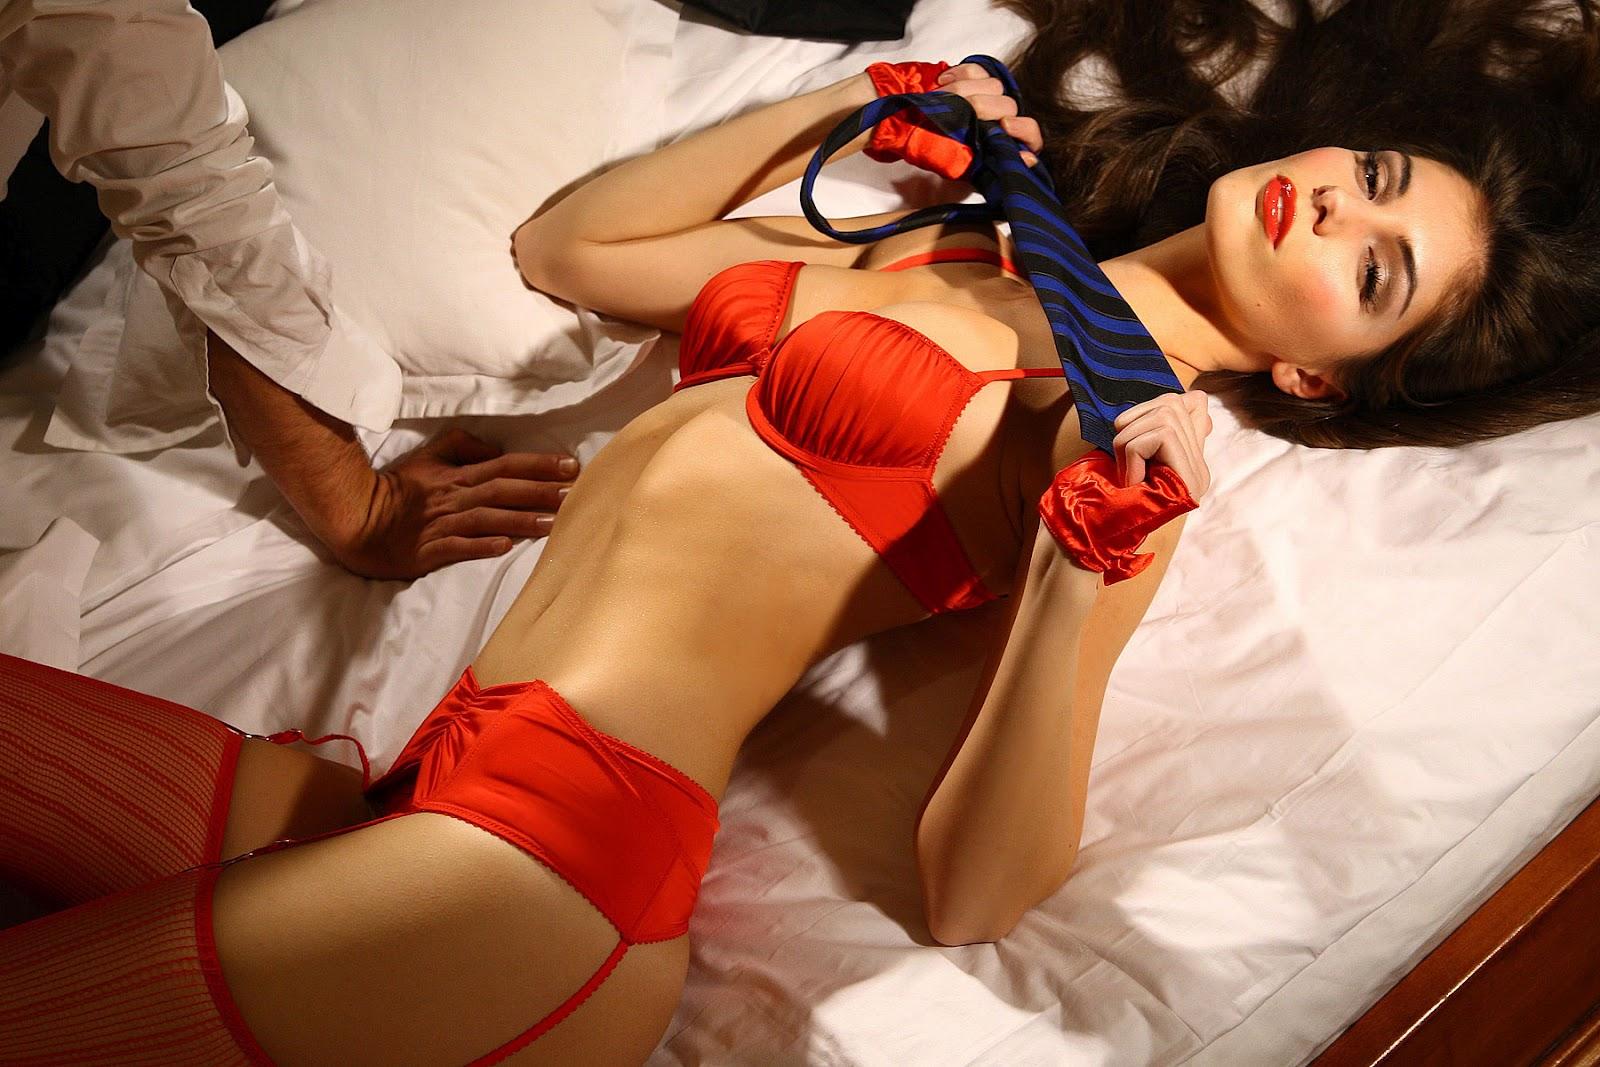 Эротический сайт для девушек 6 фотография